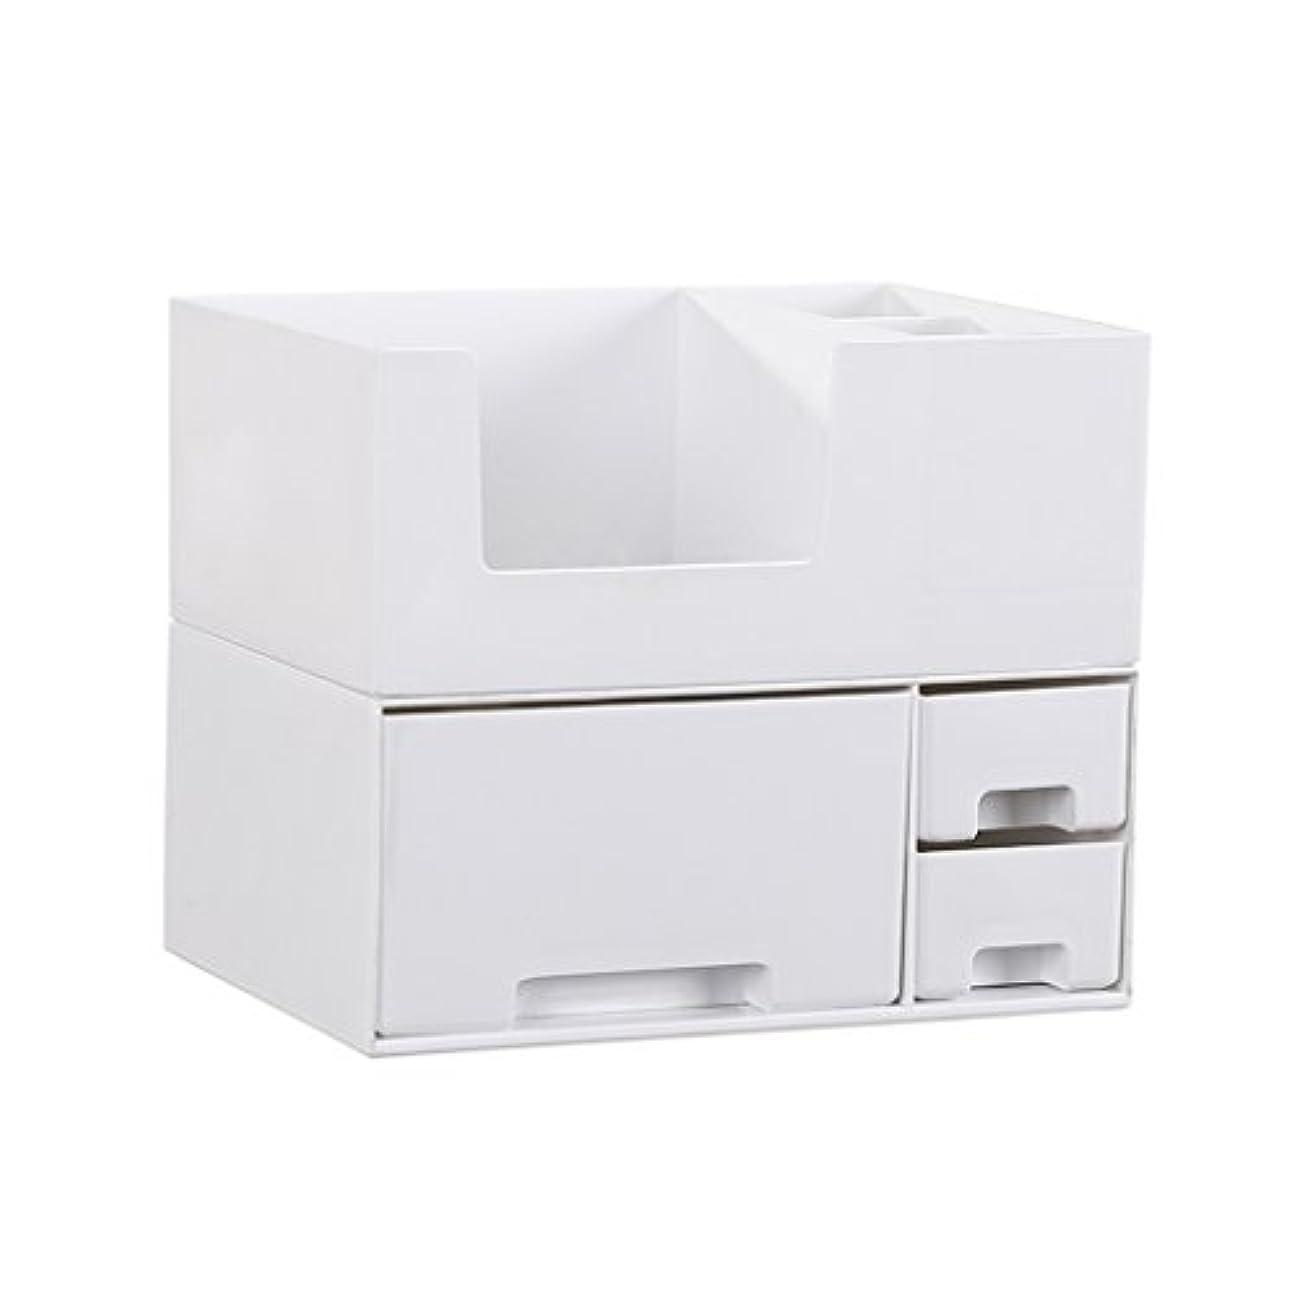 無数の交換規制するデスクトップ化粧品収納ボックス、スキンケア製品、フェイシャルマスク、ジュエリー、収納ラック、白い2階建て多目的収納ボックス